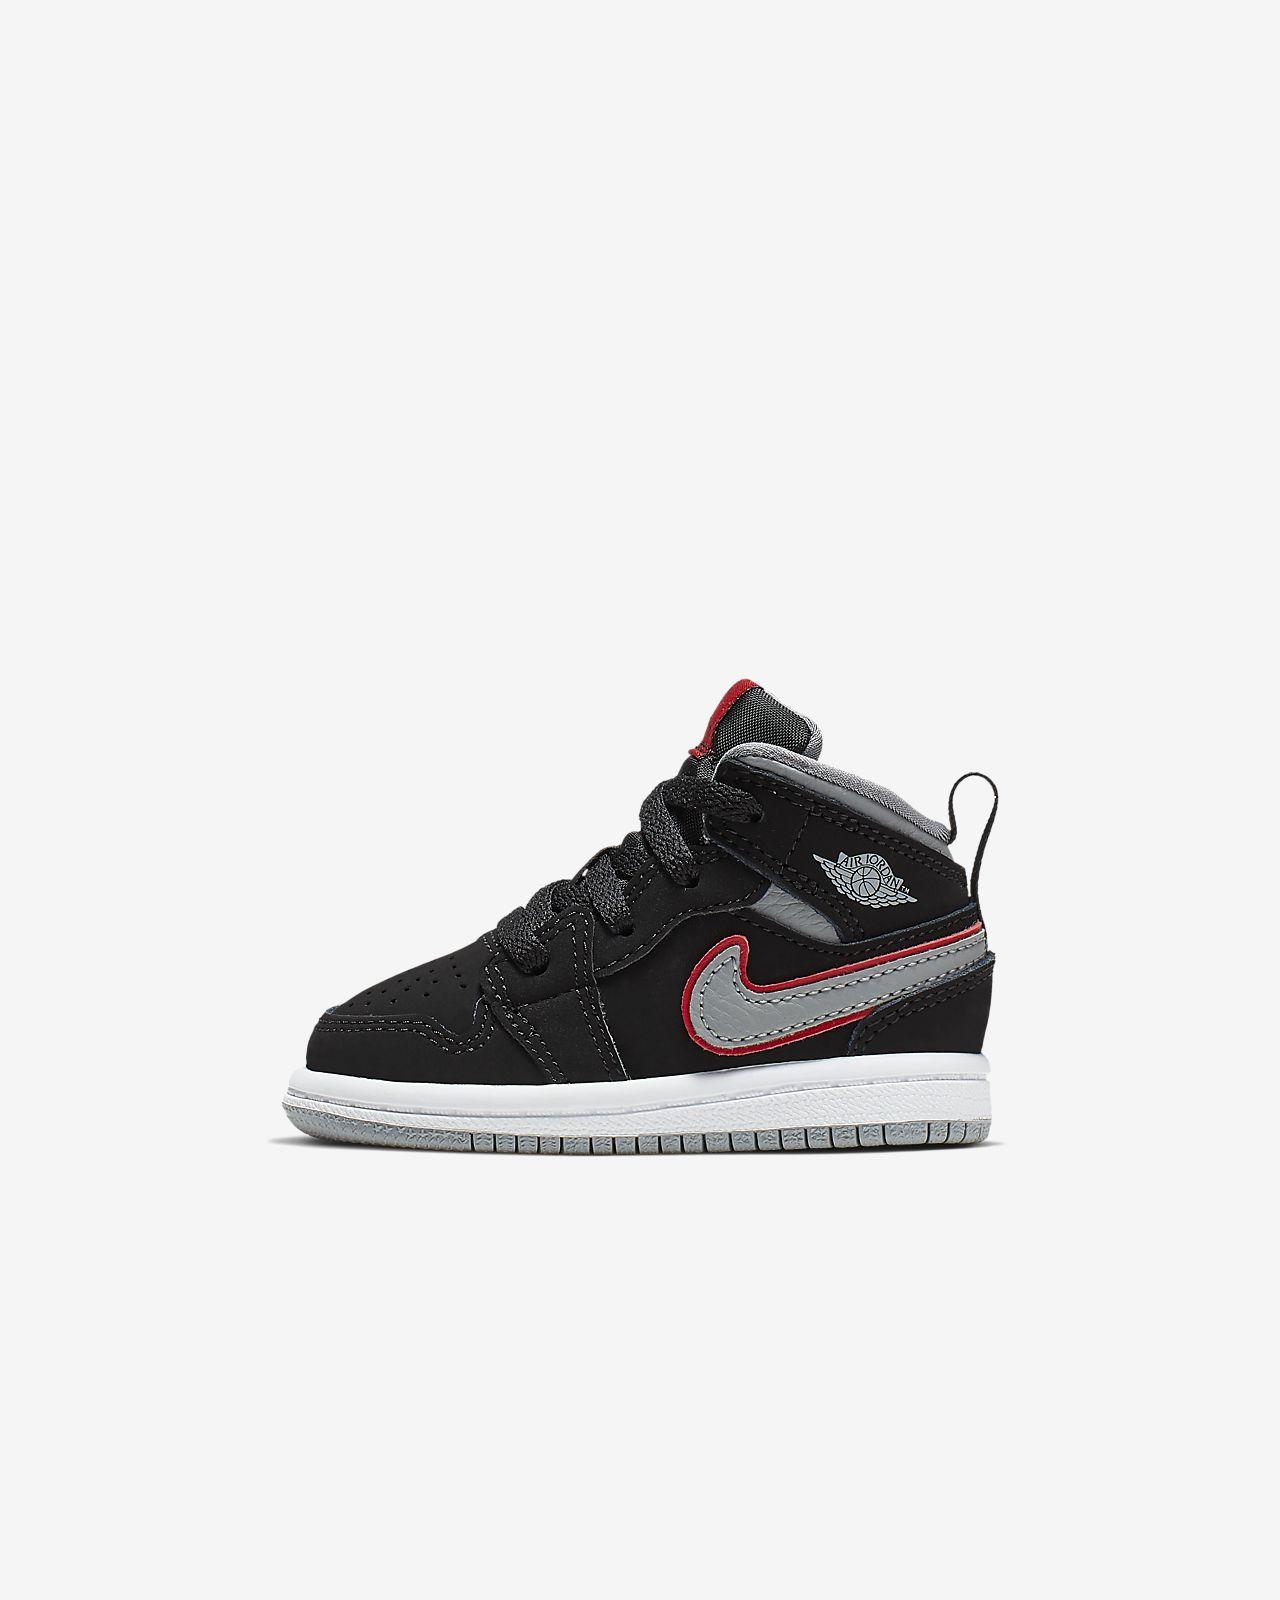 separation shoes 0592a 0a6cd Chaussure Air Jordan 1 Mid pour Bébé Petit enfant